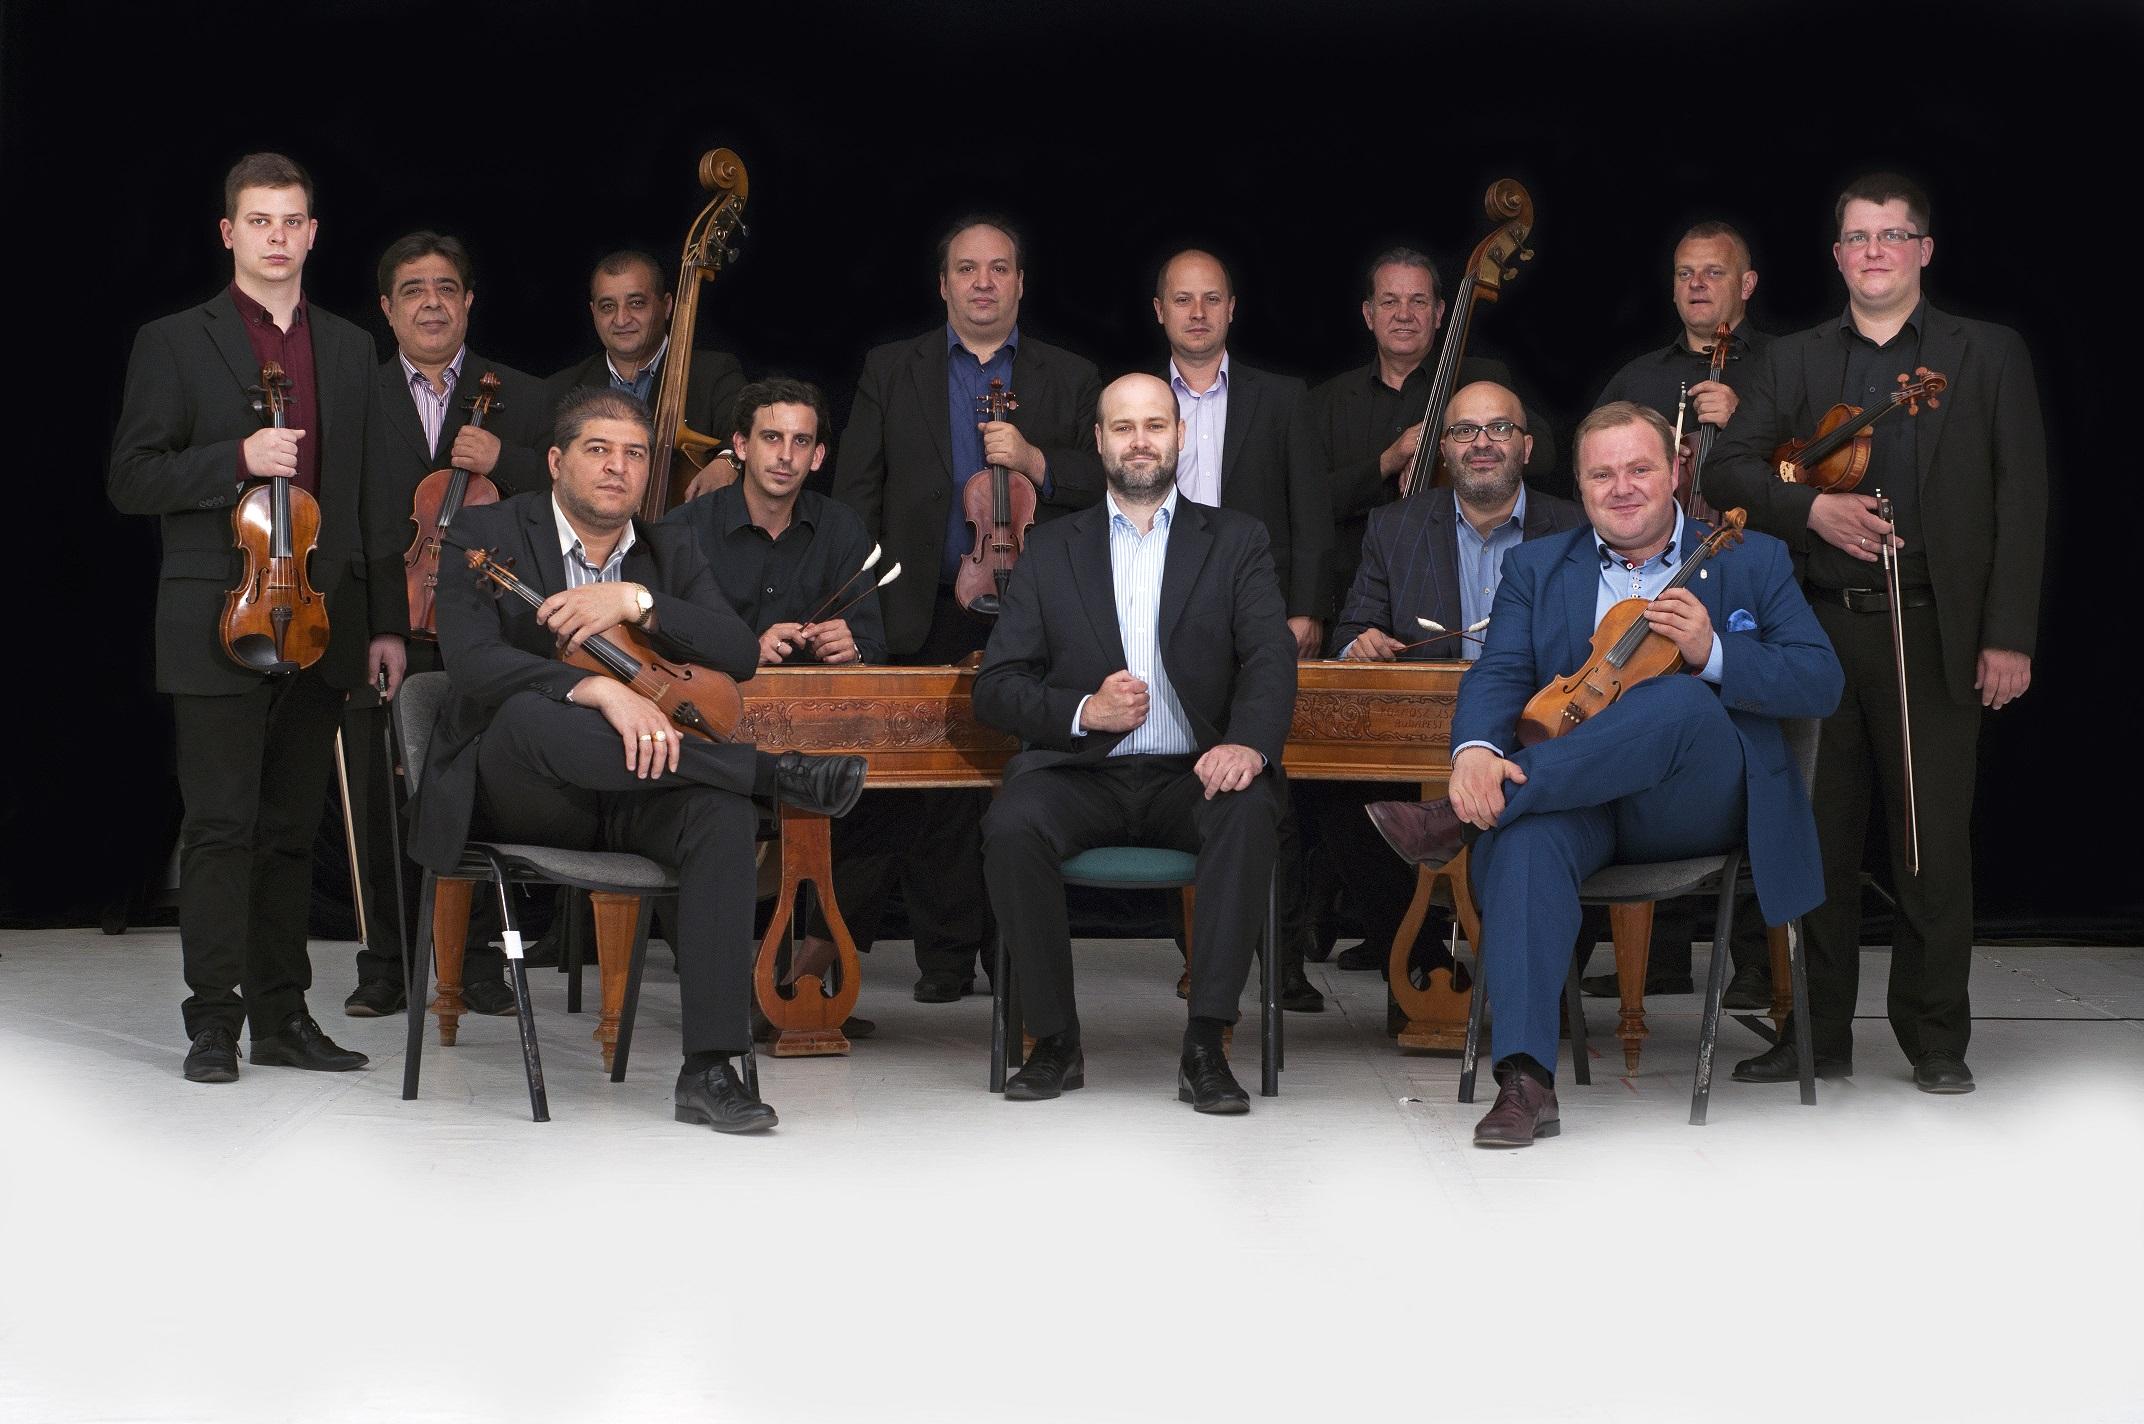 Bukovinától Bethlenig  –  a Magyar Állami Népi Együttes zenekari koncertje